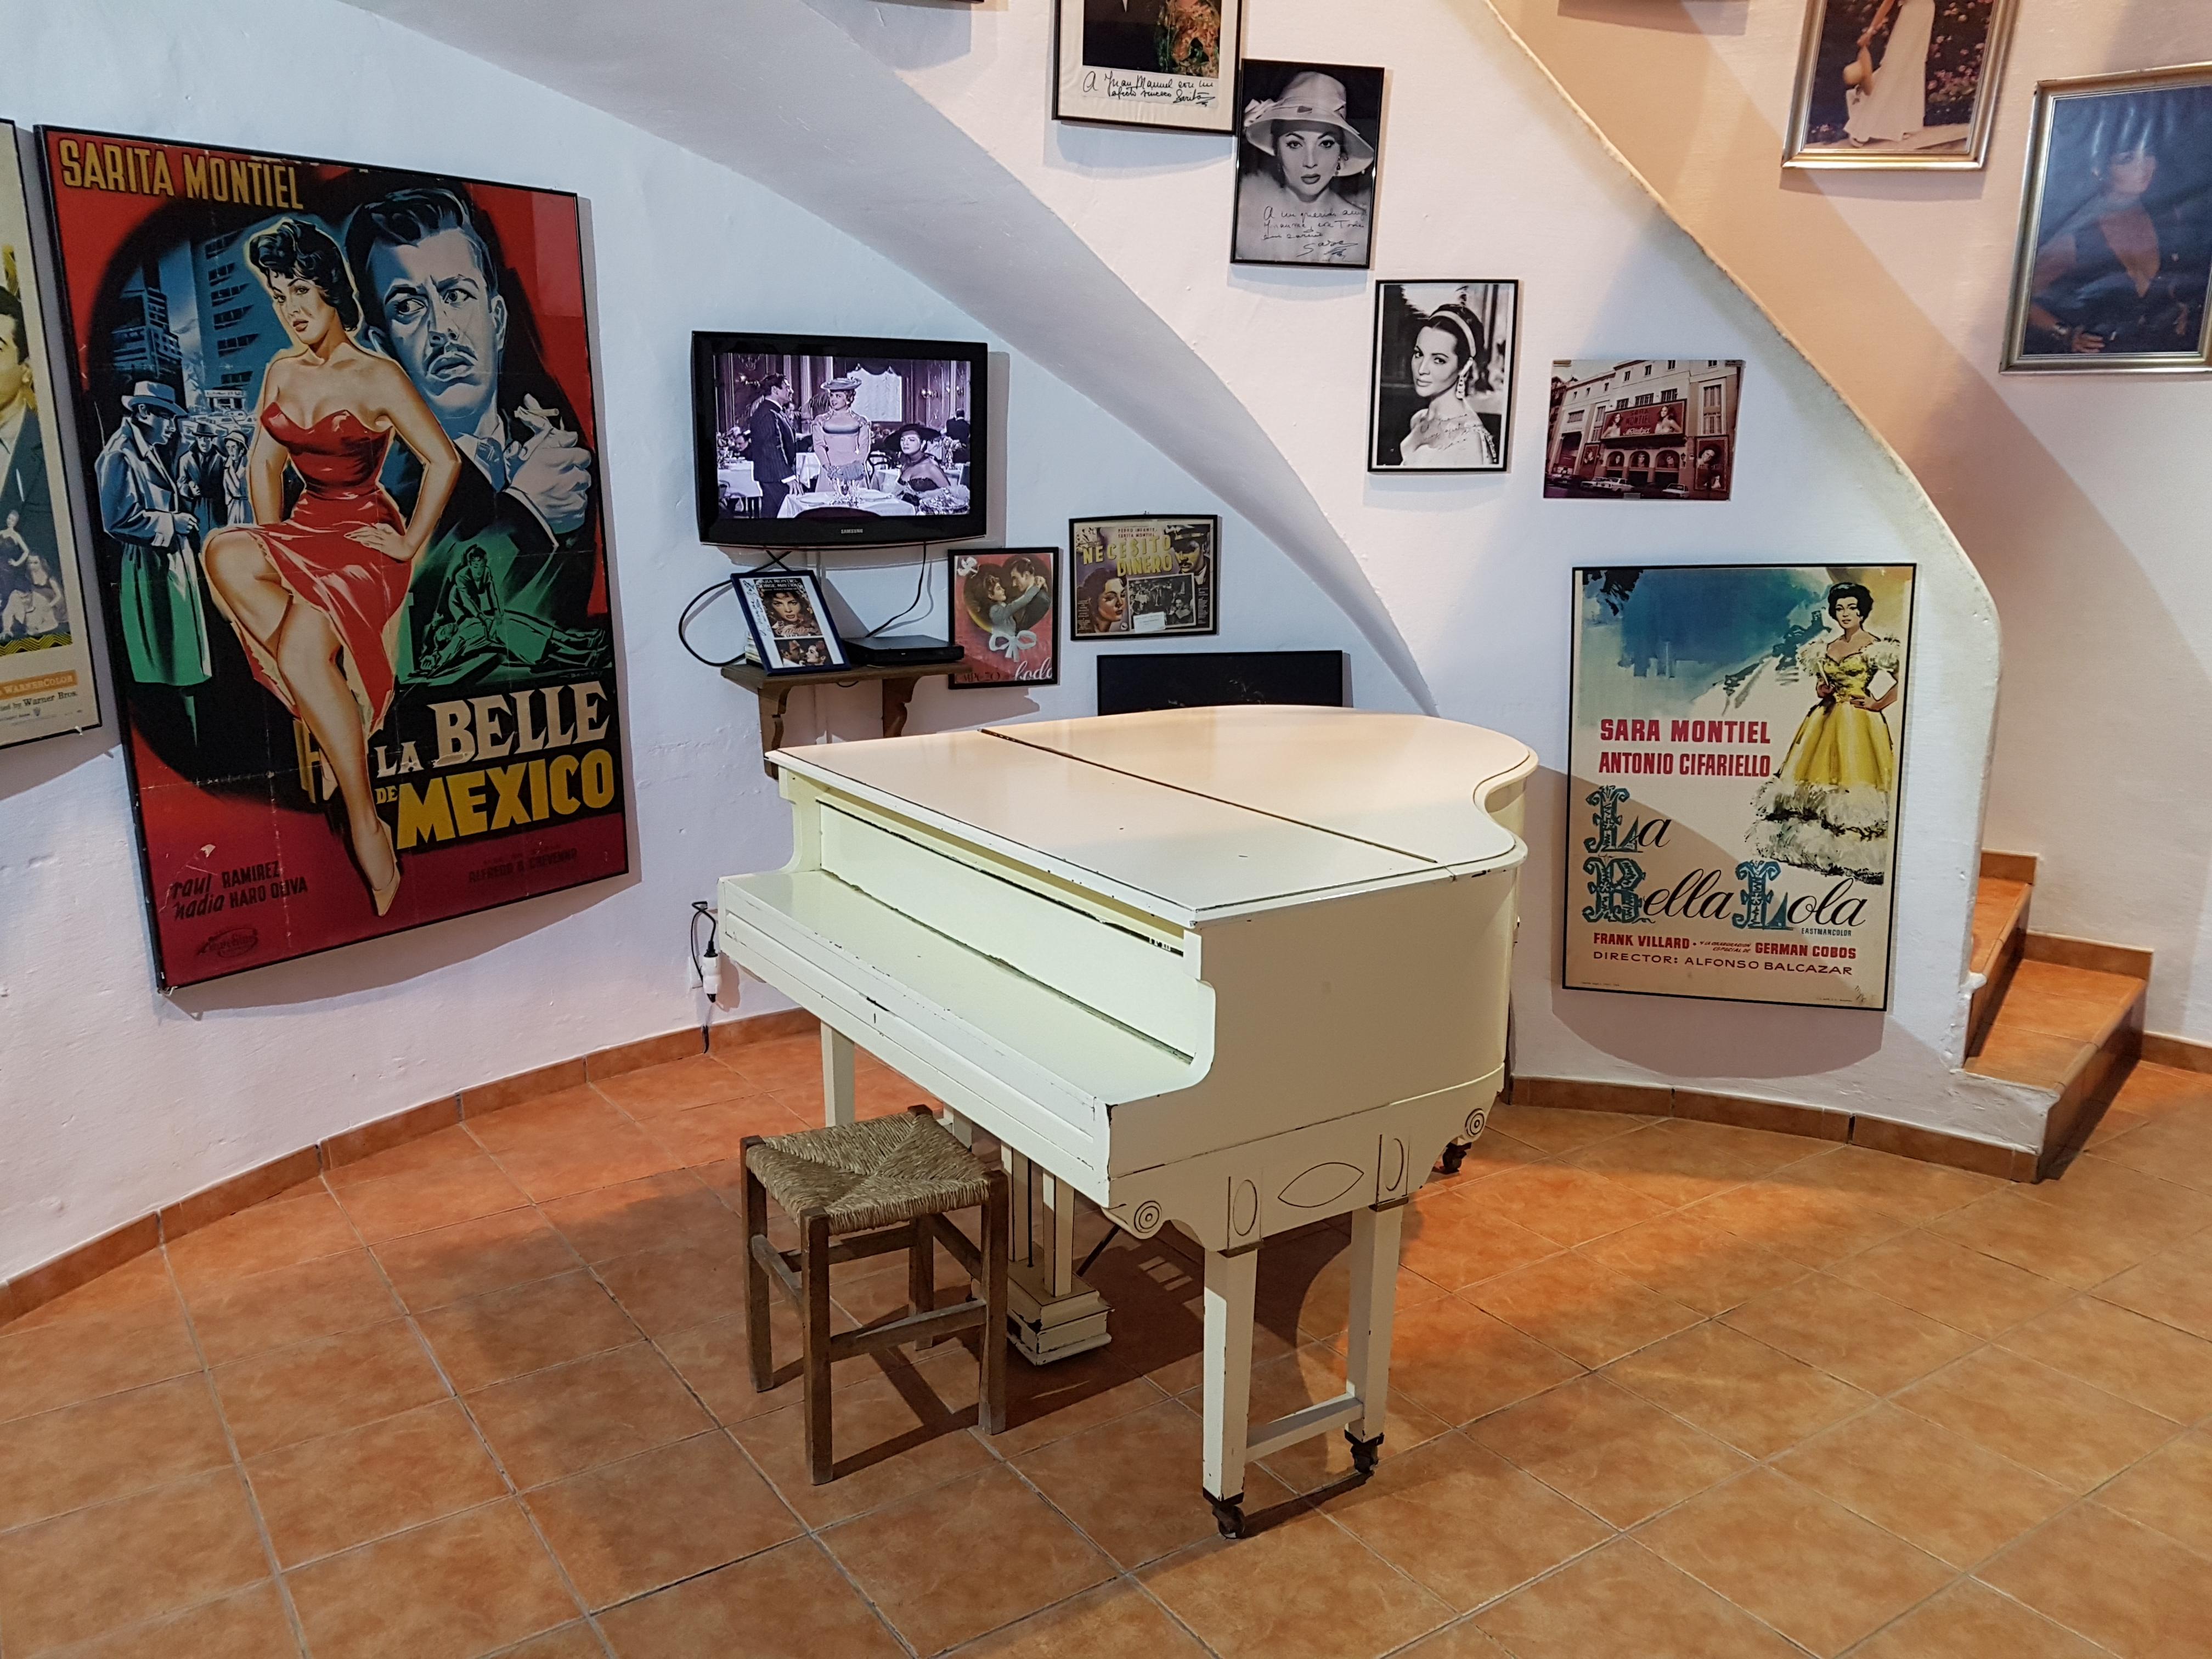 museo-sara-montiel1.jpg